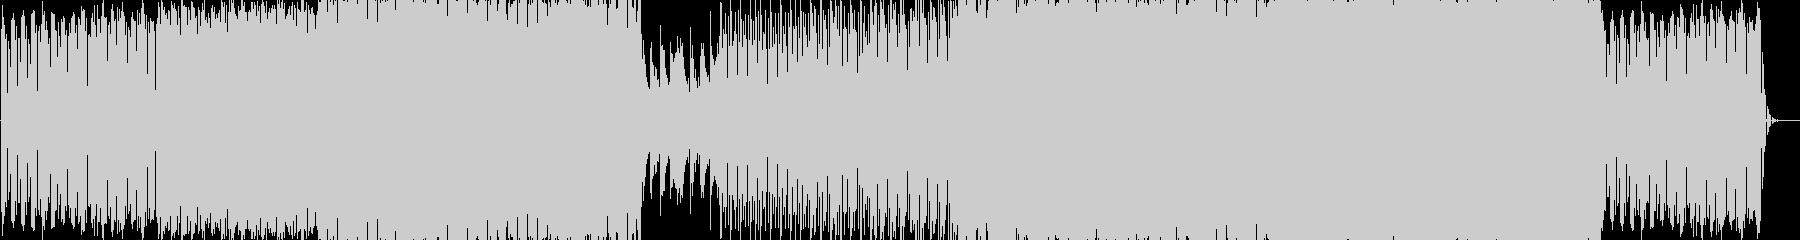 明るいエレクトロニカミュージックの未再生の波形